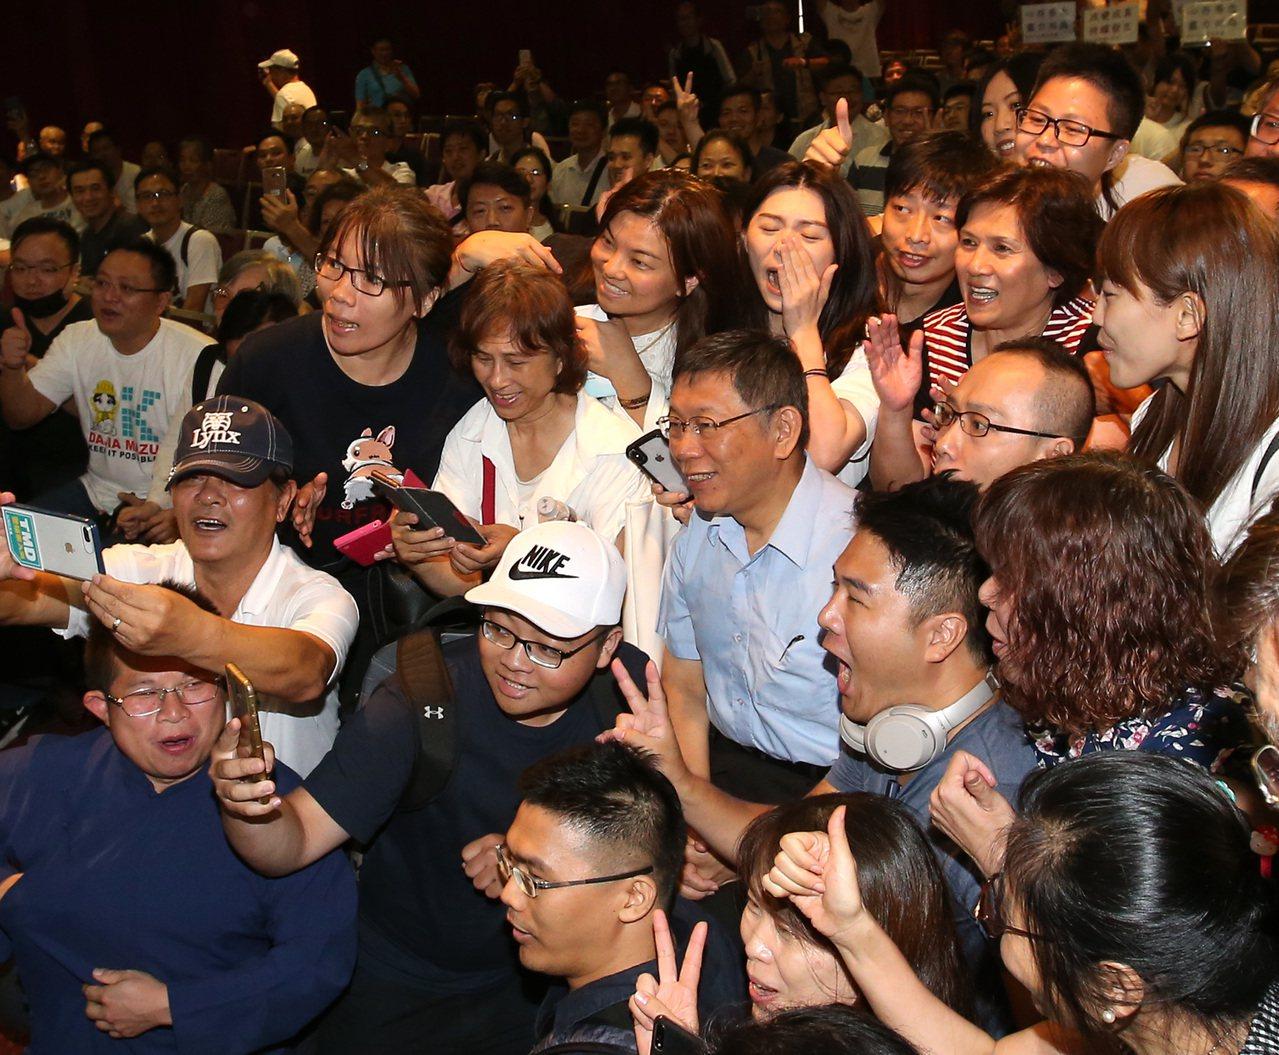 台北市長柯文哲籌組台灣民眾黨,舉辦創黨大會。柯文哲被支持者熱情包圍。記者林澔一/...